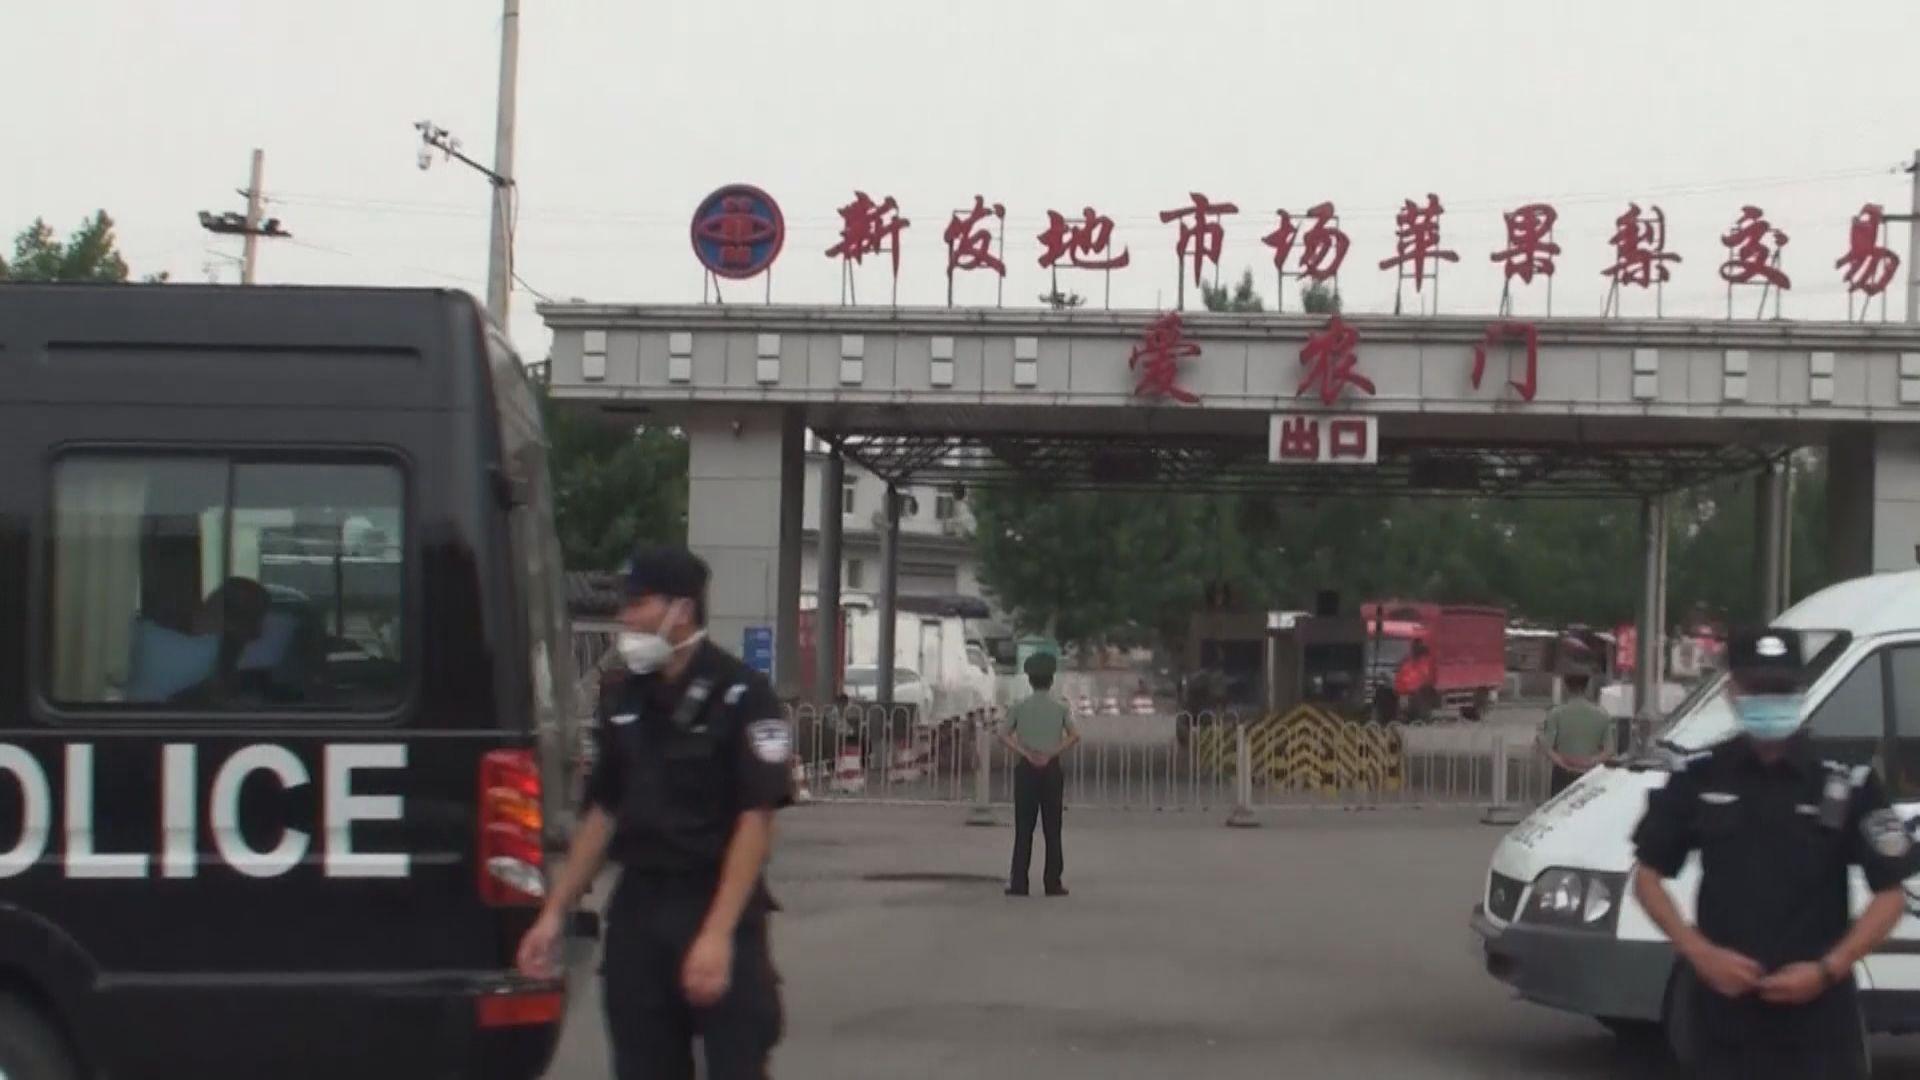 【再爆疫情】北京突發公共衞生應急響應提升至二級